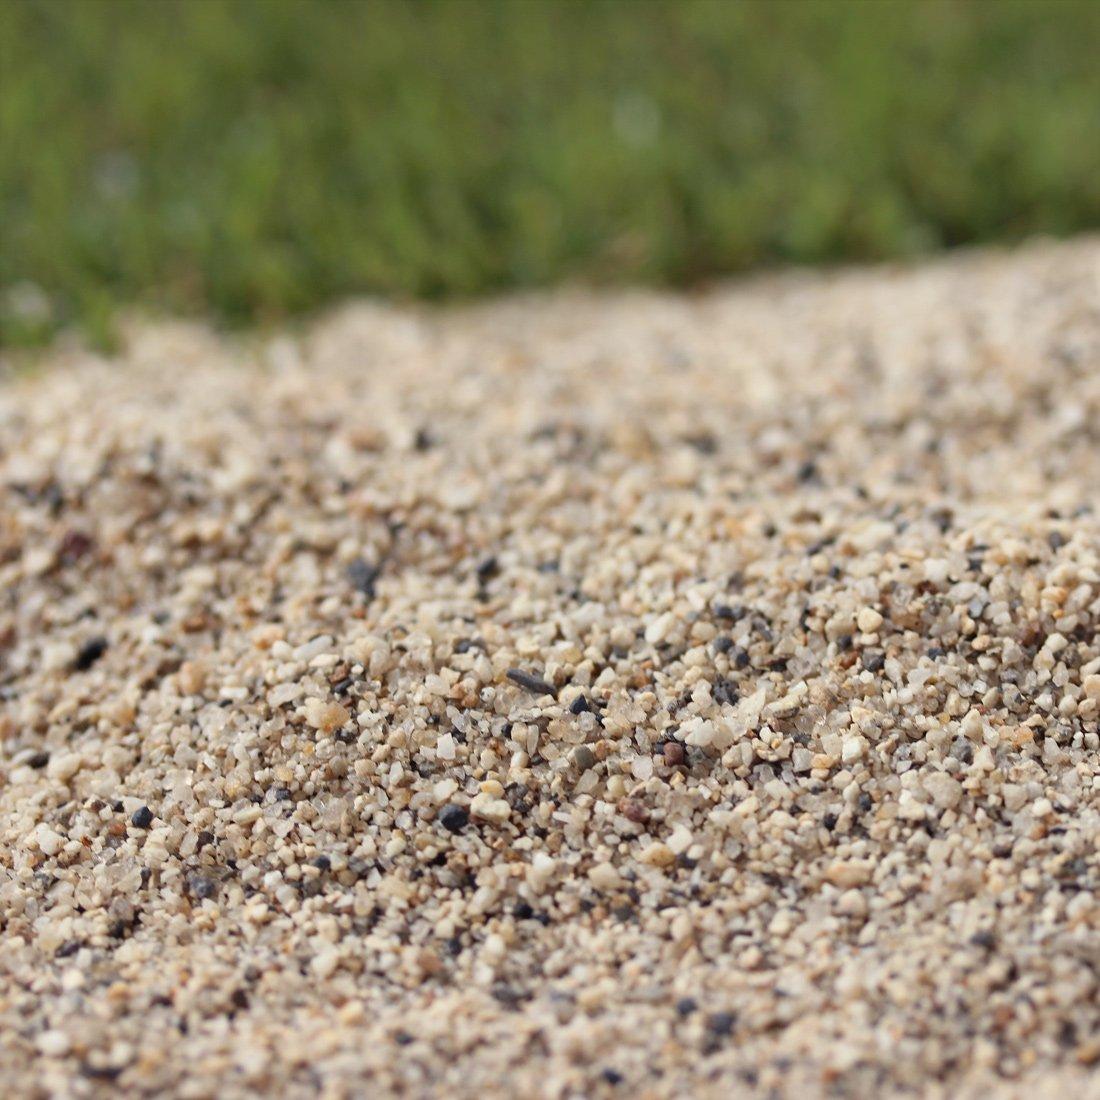 【芝生用 荒目 目砂 乾燥砂】木曽川流域産 洗い砂 (0-2mm) 600kg (20kg×30袋)【放射線量報告書付き】 B06XXXTFBW  600kg